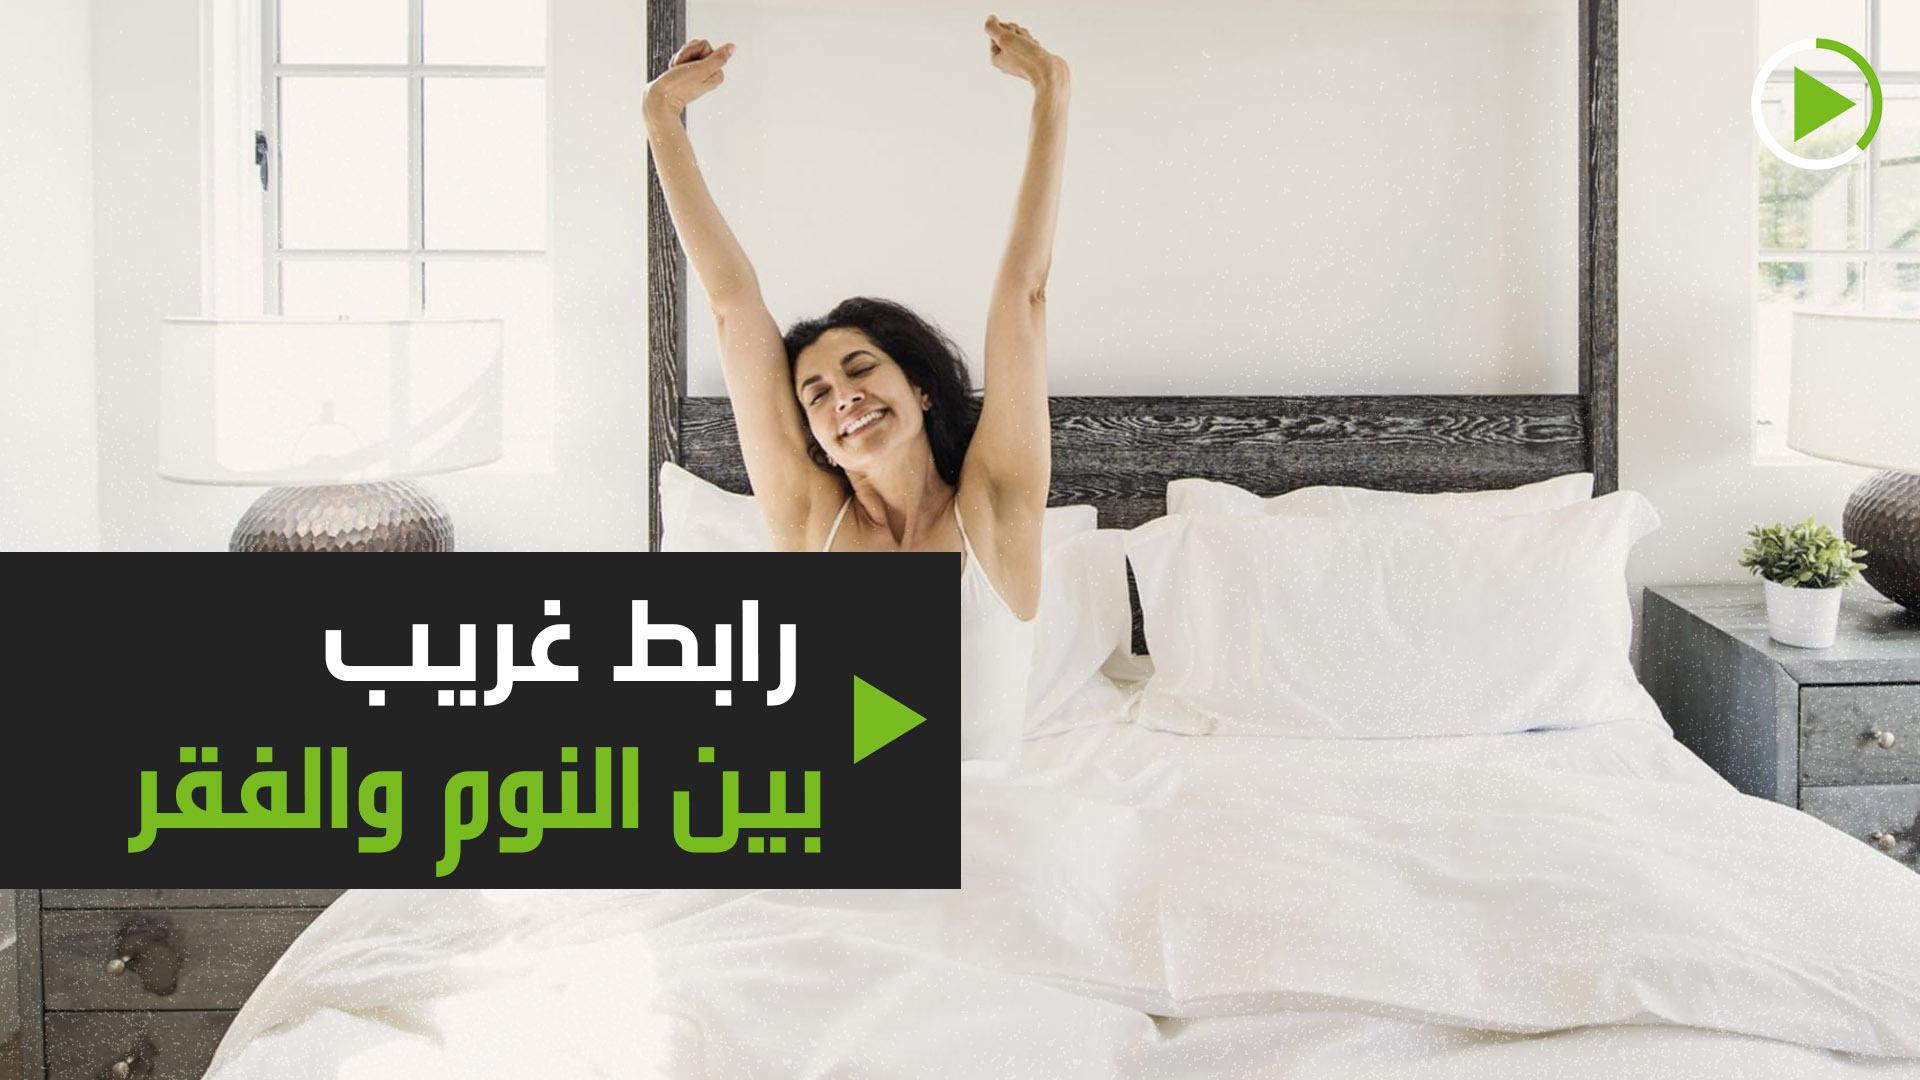 رابط غريب يجمع بين النوم والفقر!